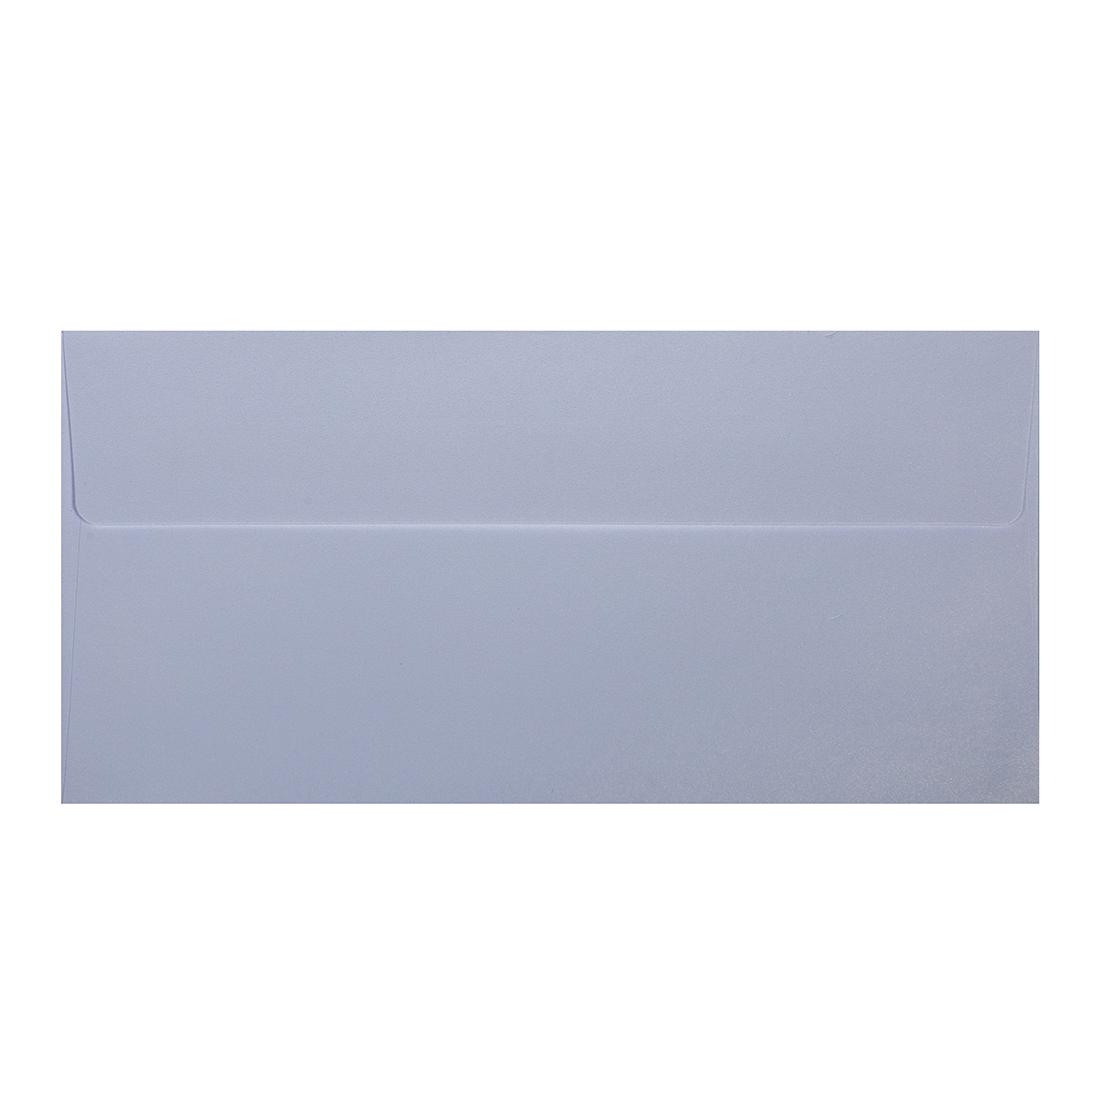 Wysokiej jakości koperty ozdobne - O.Koperta DL - PERŁA - 120 g/m² - śnieżnobiały - 10 sztuk